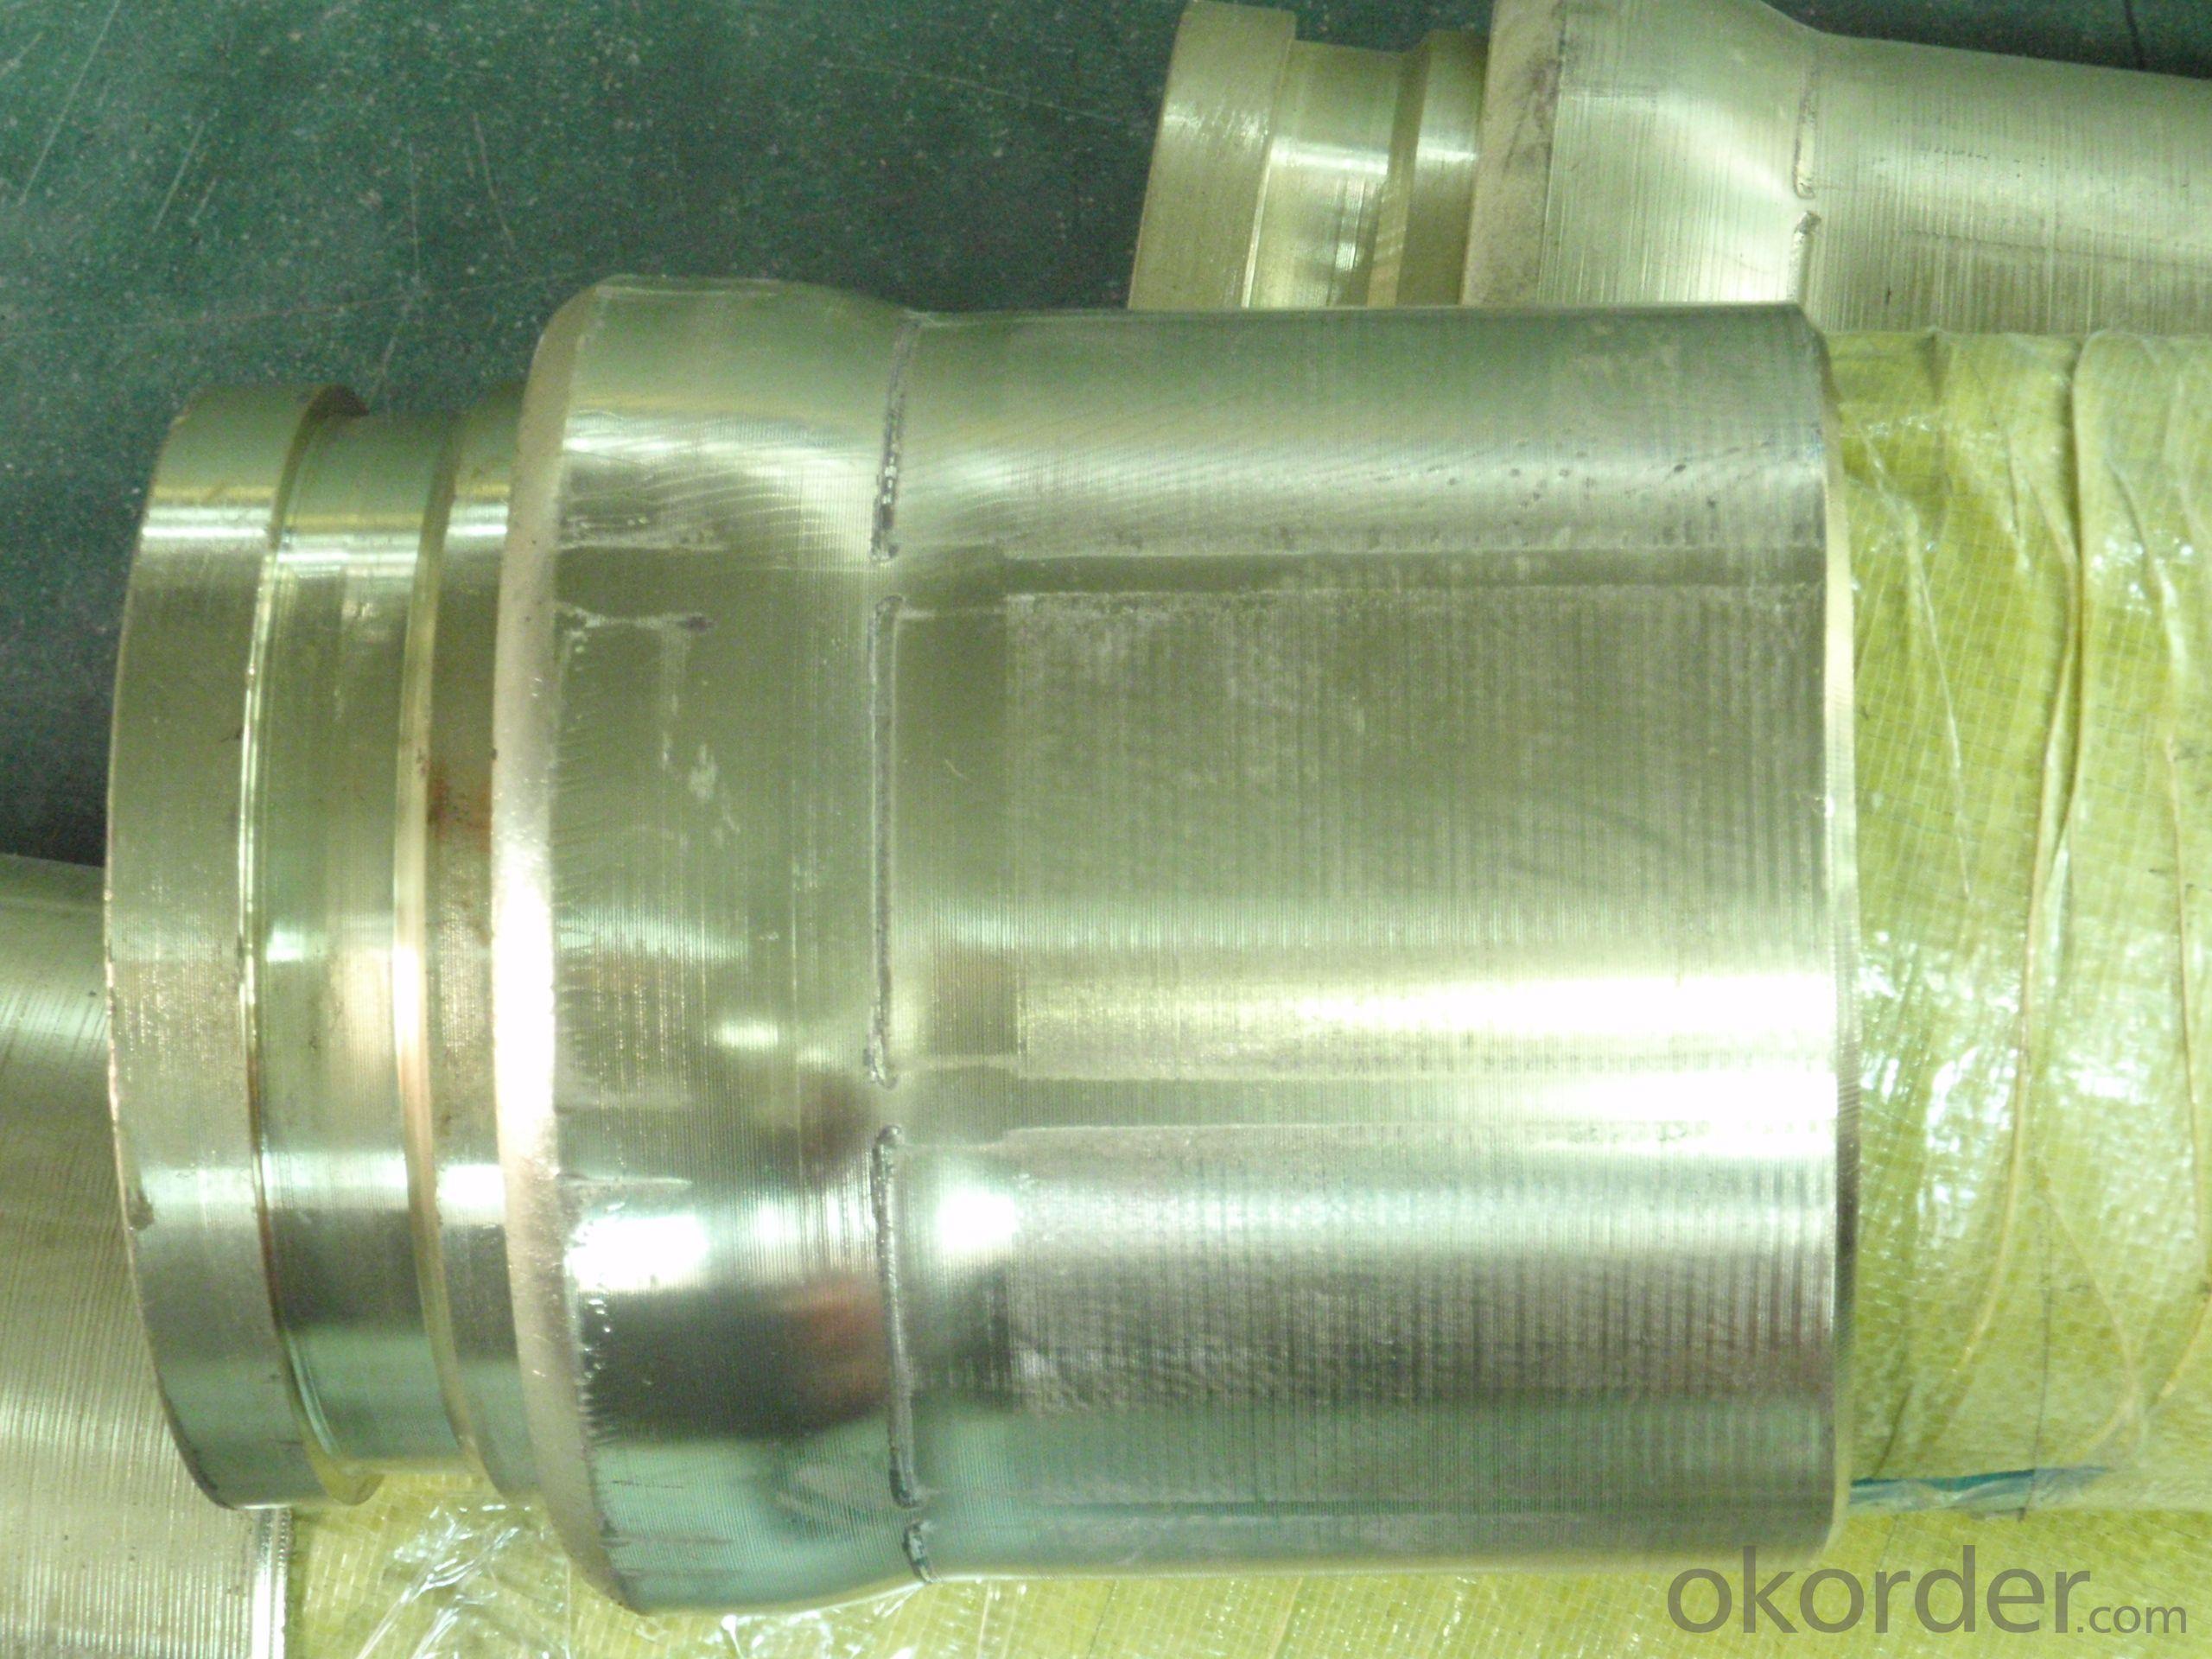 Concrete pump rubber end hose wiht coppering flange